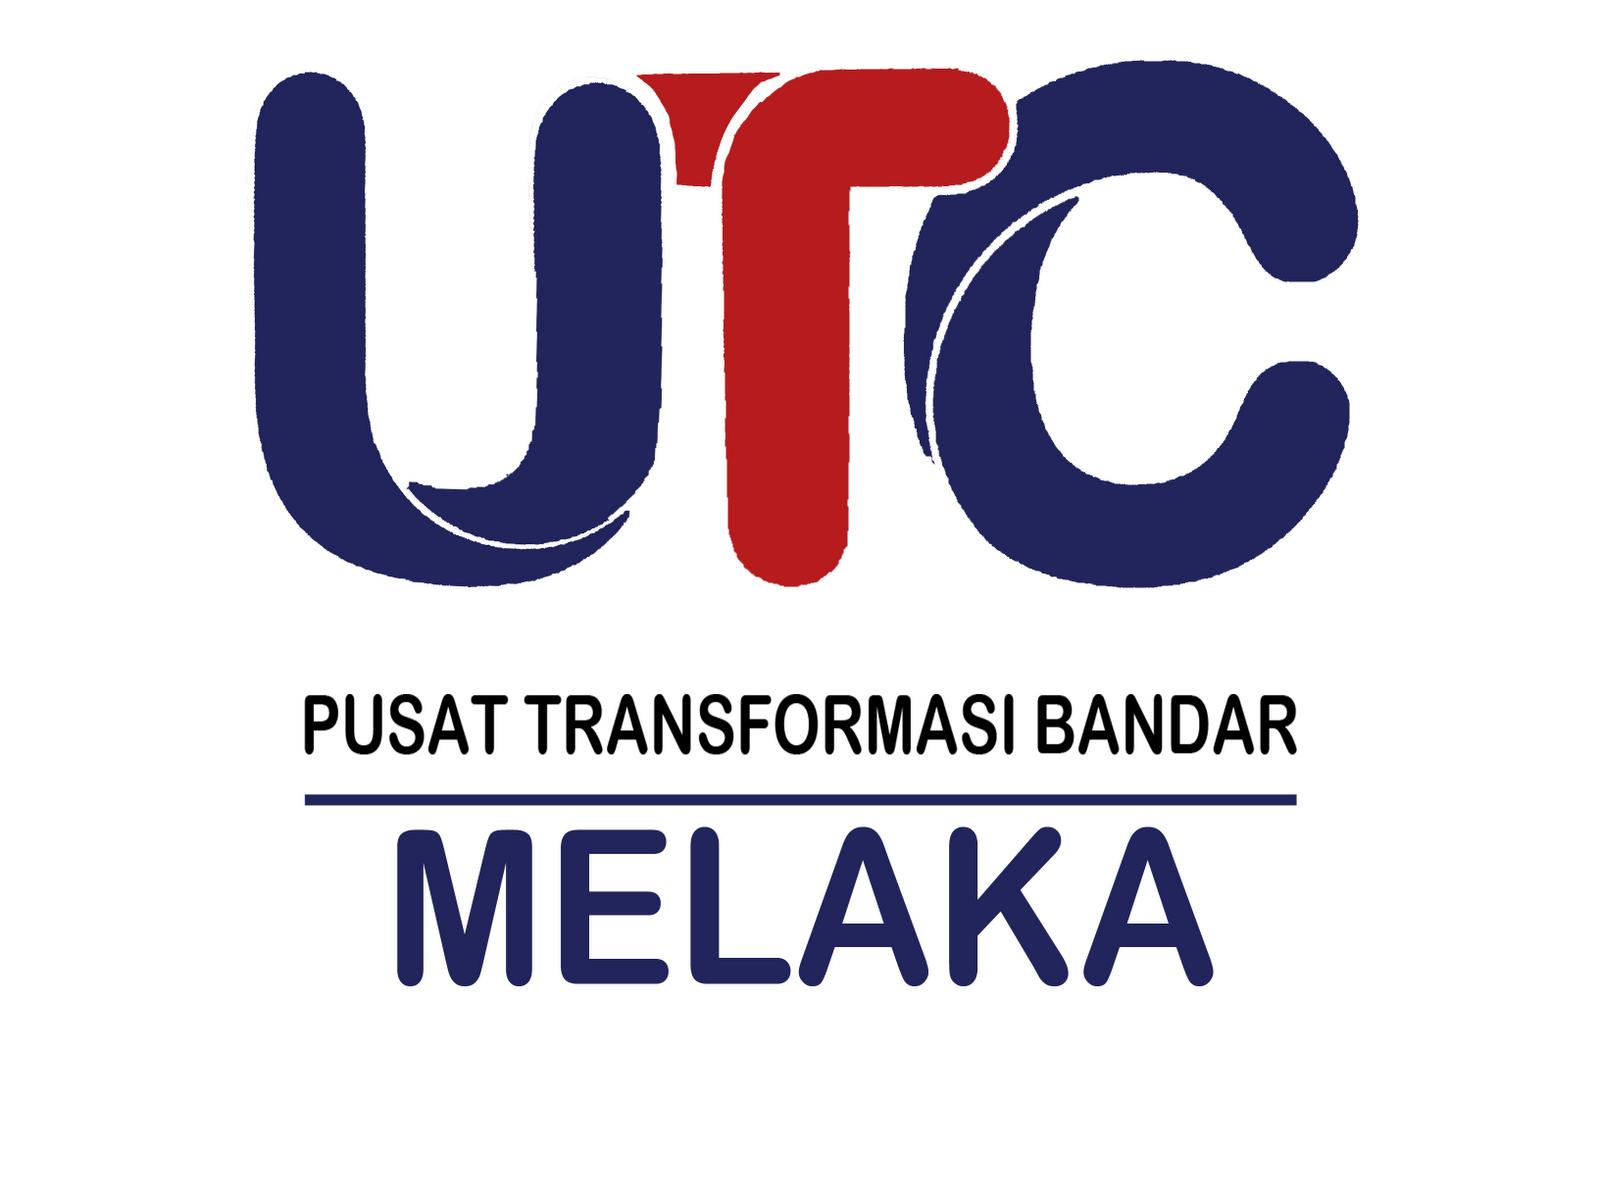 Utc +8